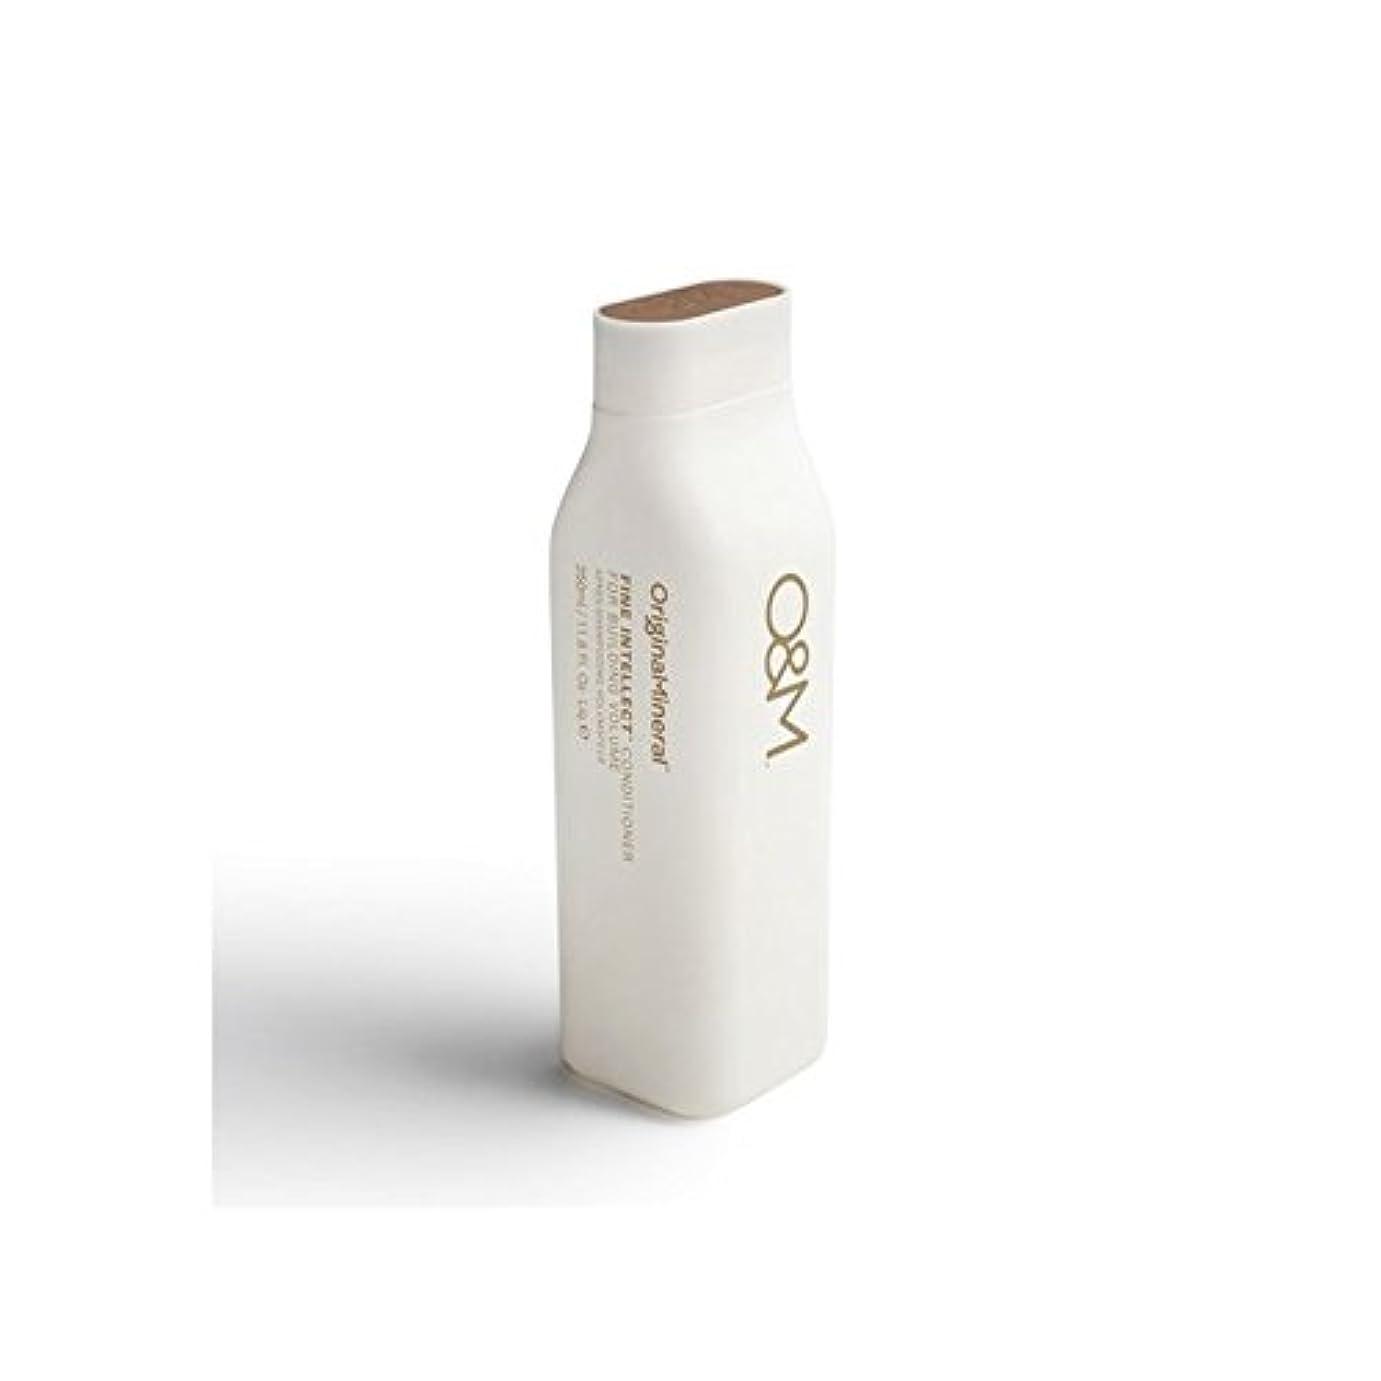 サスペンション付添人確立しますOriginal & Mineral Fine Intellect Conditioner (350ml) - オリジナル&ミネラル細かい知性コンディショナー(350ミリリットル) [並行輸入品]